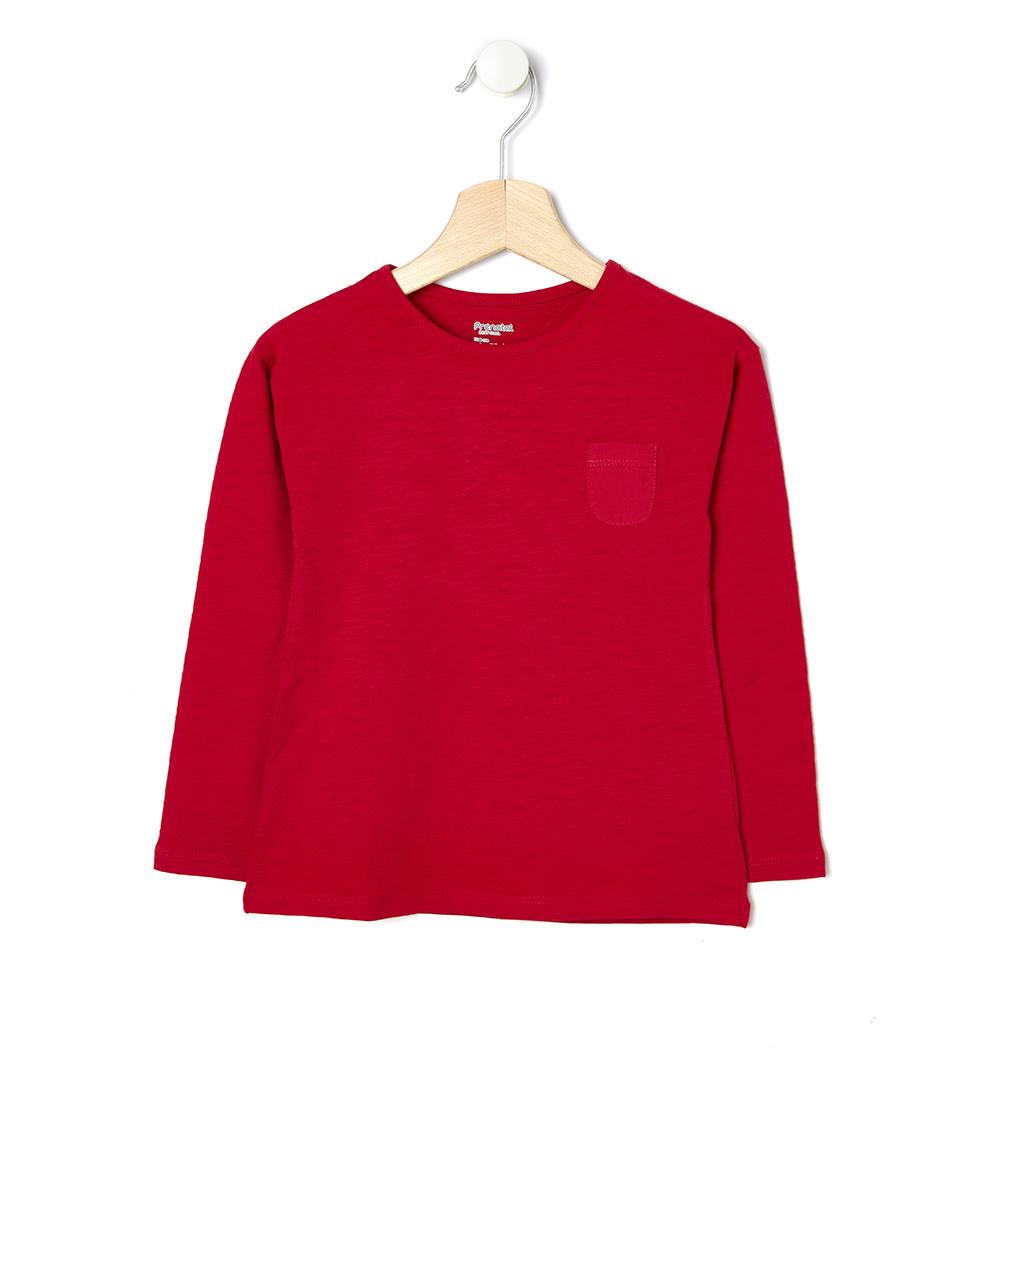 Μπλούζα Κόκκινη με Τσέπη για Κορίτσι